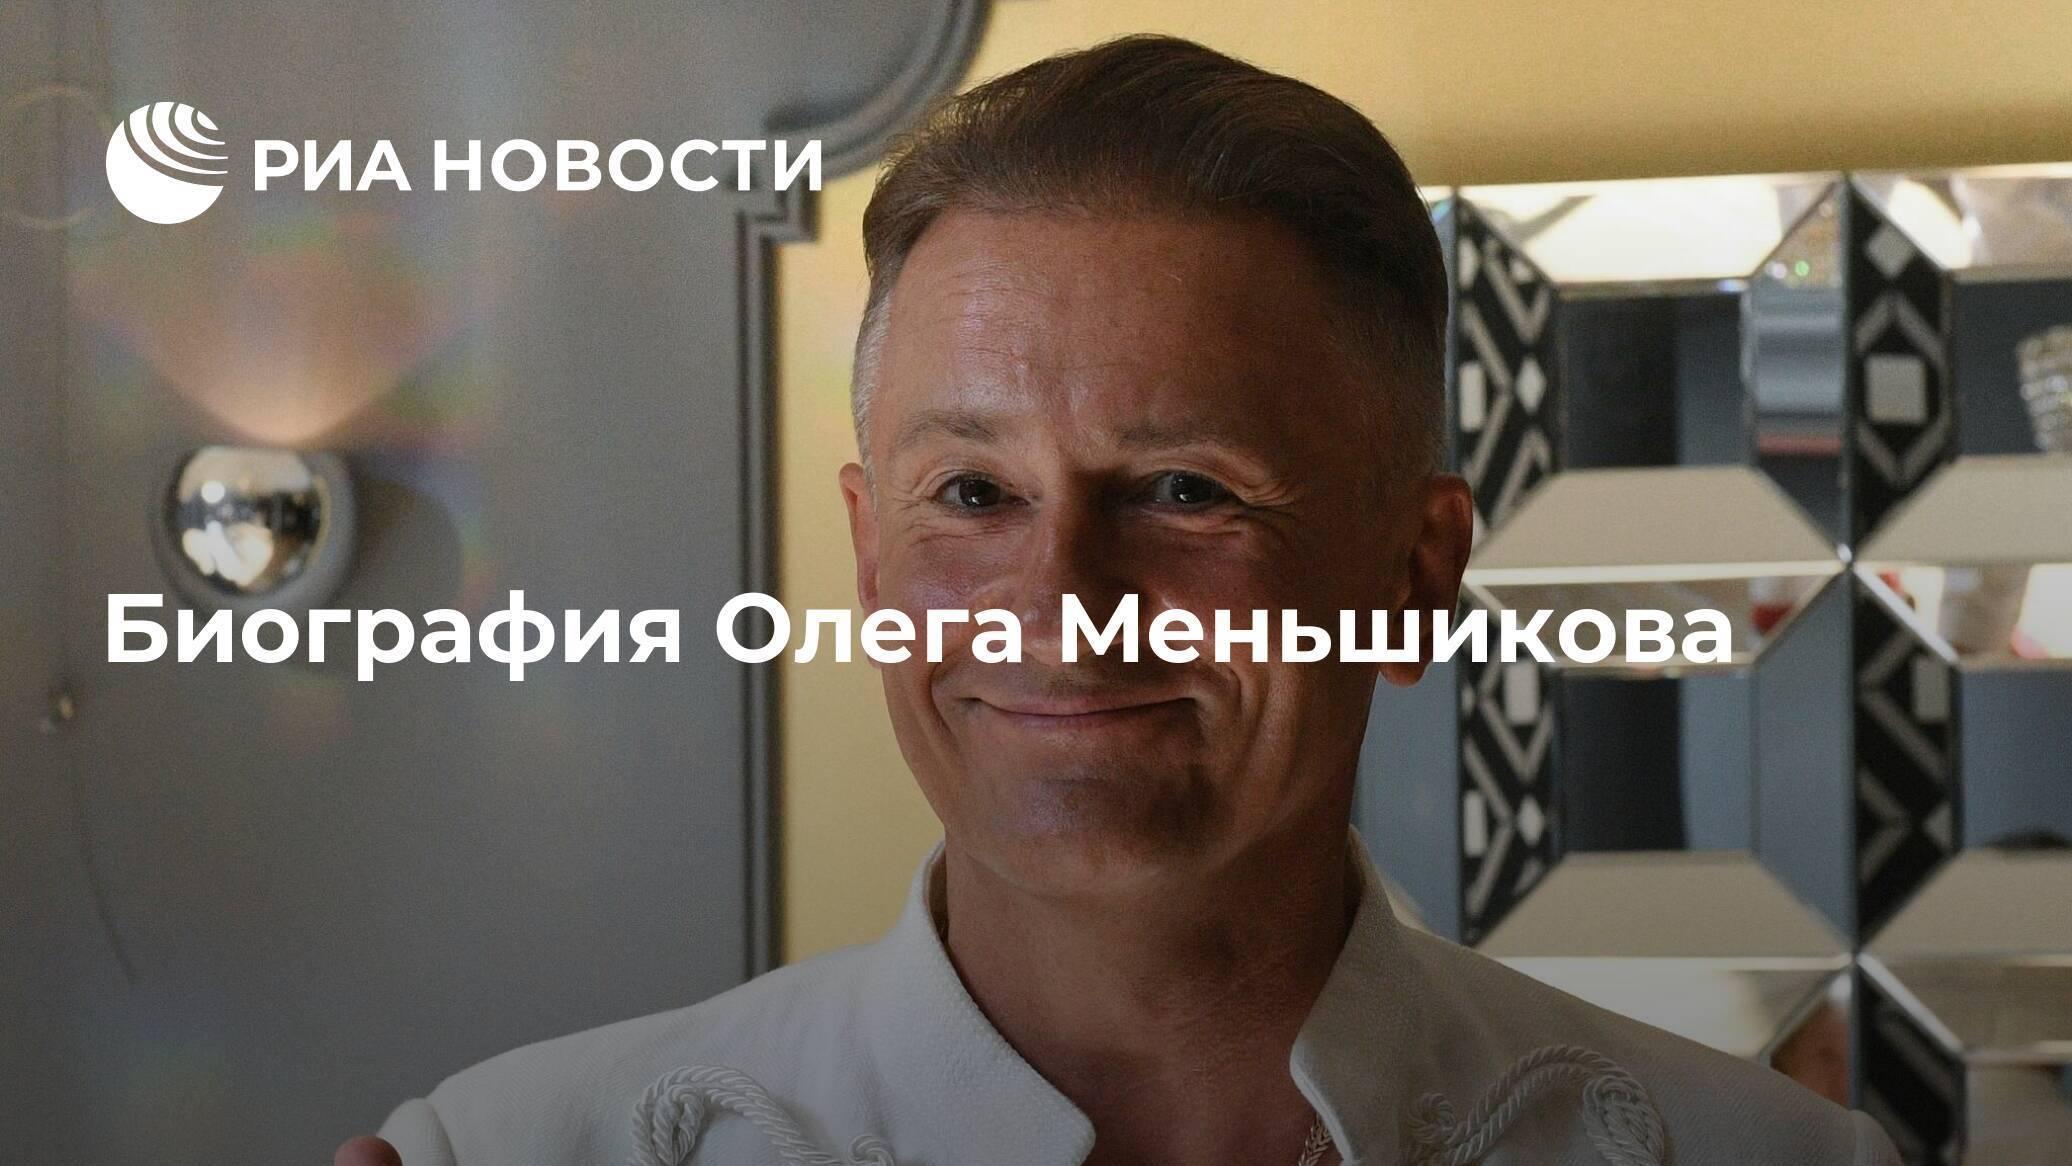 Актер меньшиков олег евгеньевич: биография, театральные работы, фильмография